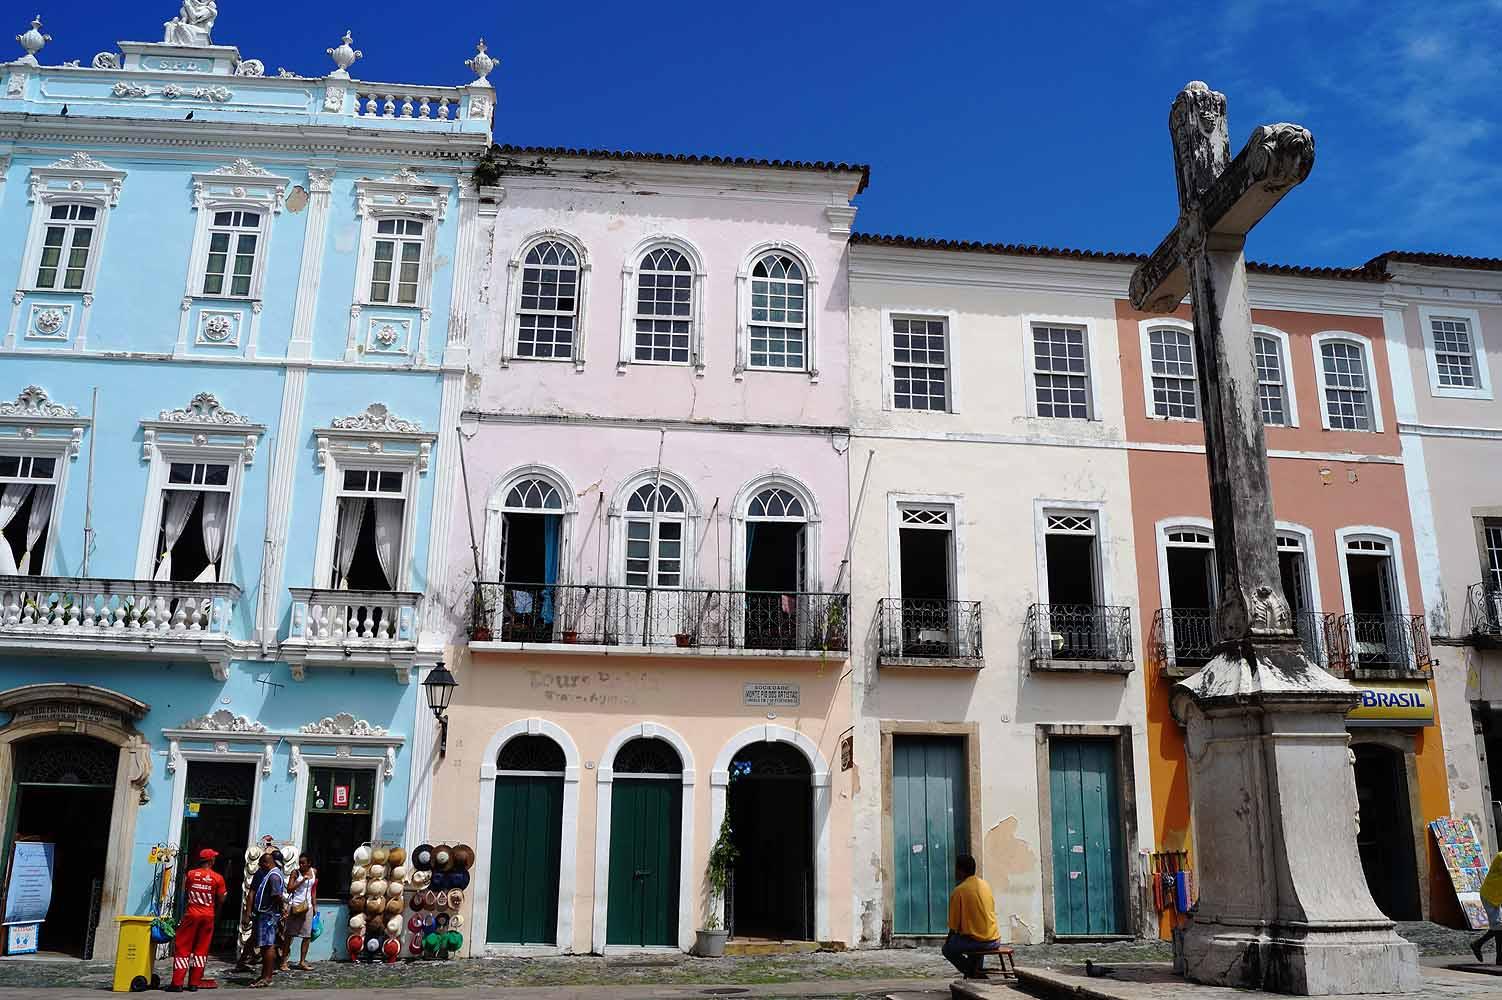 Häuser in der Altstadt Salvador da Bahia